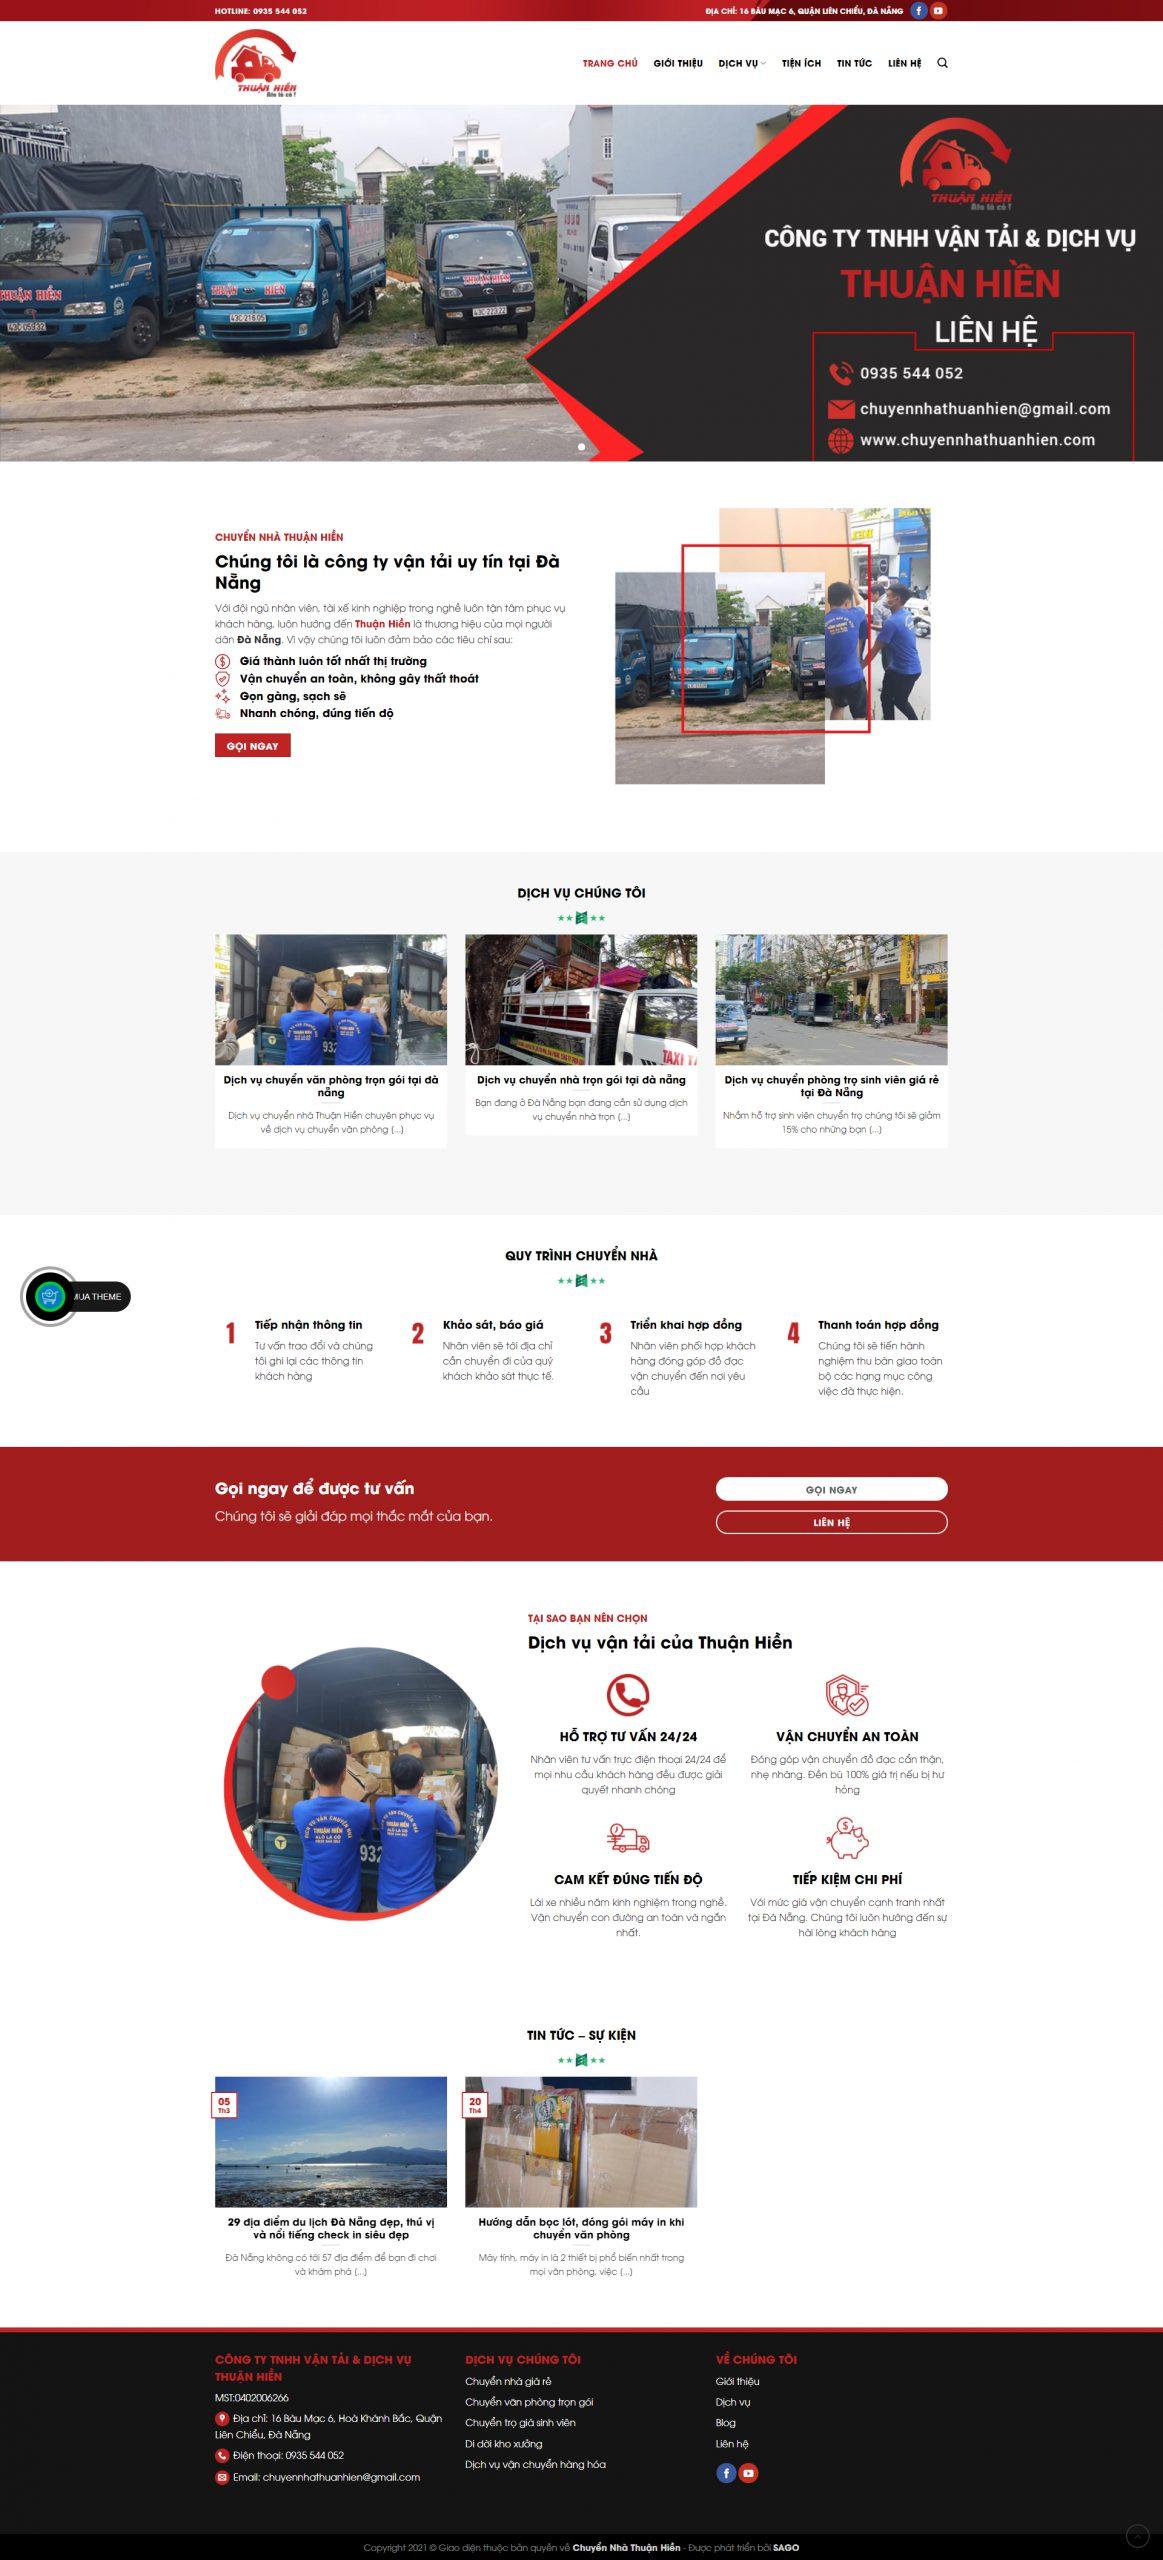 Mẫu website giới thiệu dịch vụ vận tải Thuận Hiền